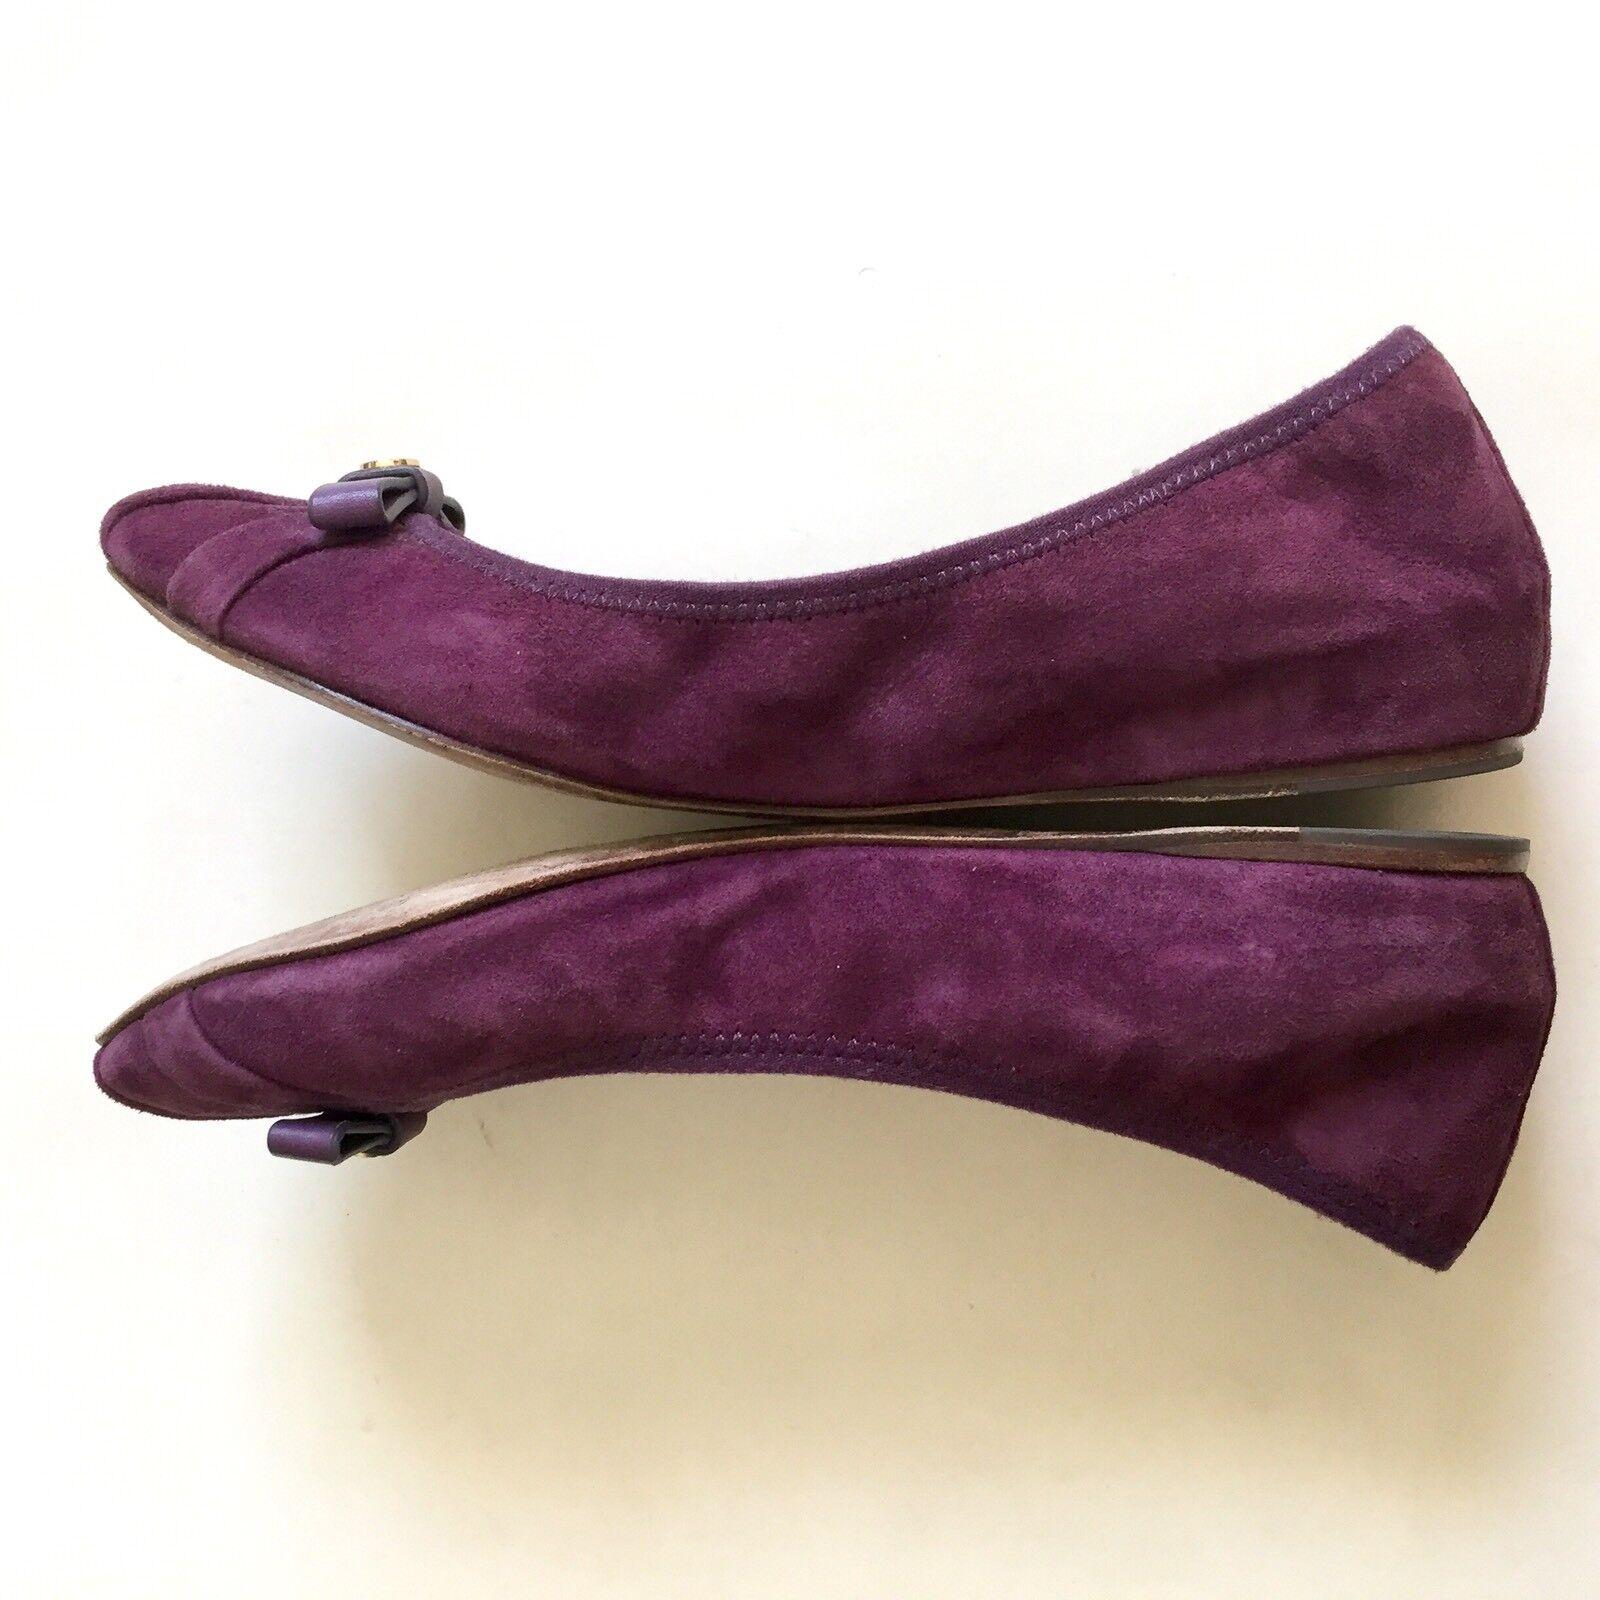 Tory Burch Damenschuhe Purple Flats Suede Leder Bow Ballet Flats Purple Schuhes Größe 7M Pleated 1ce1cc